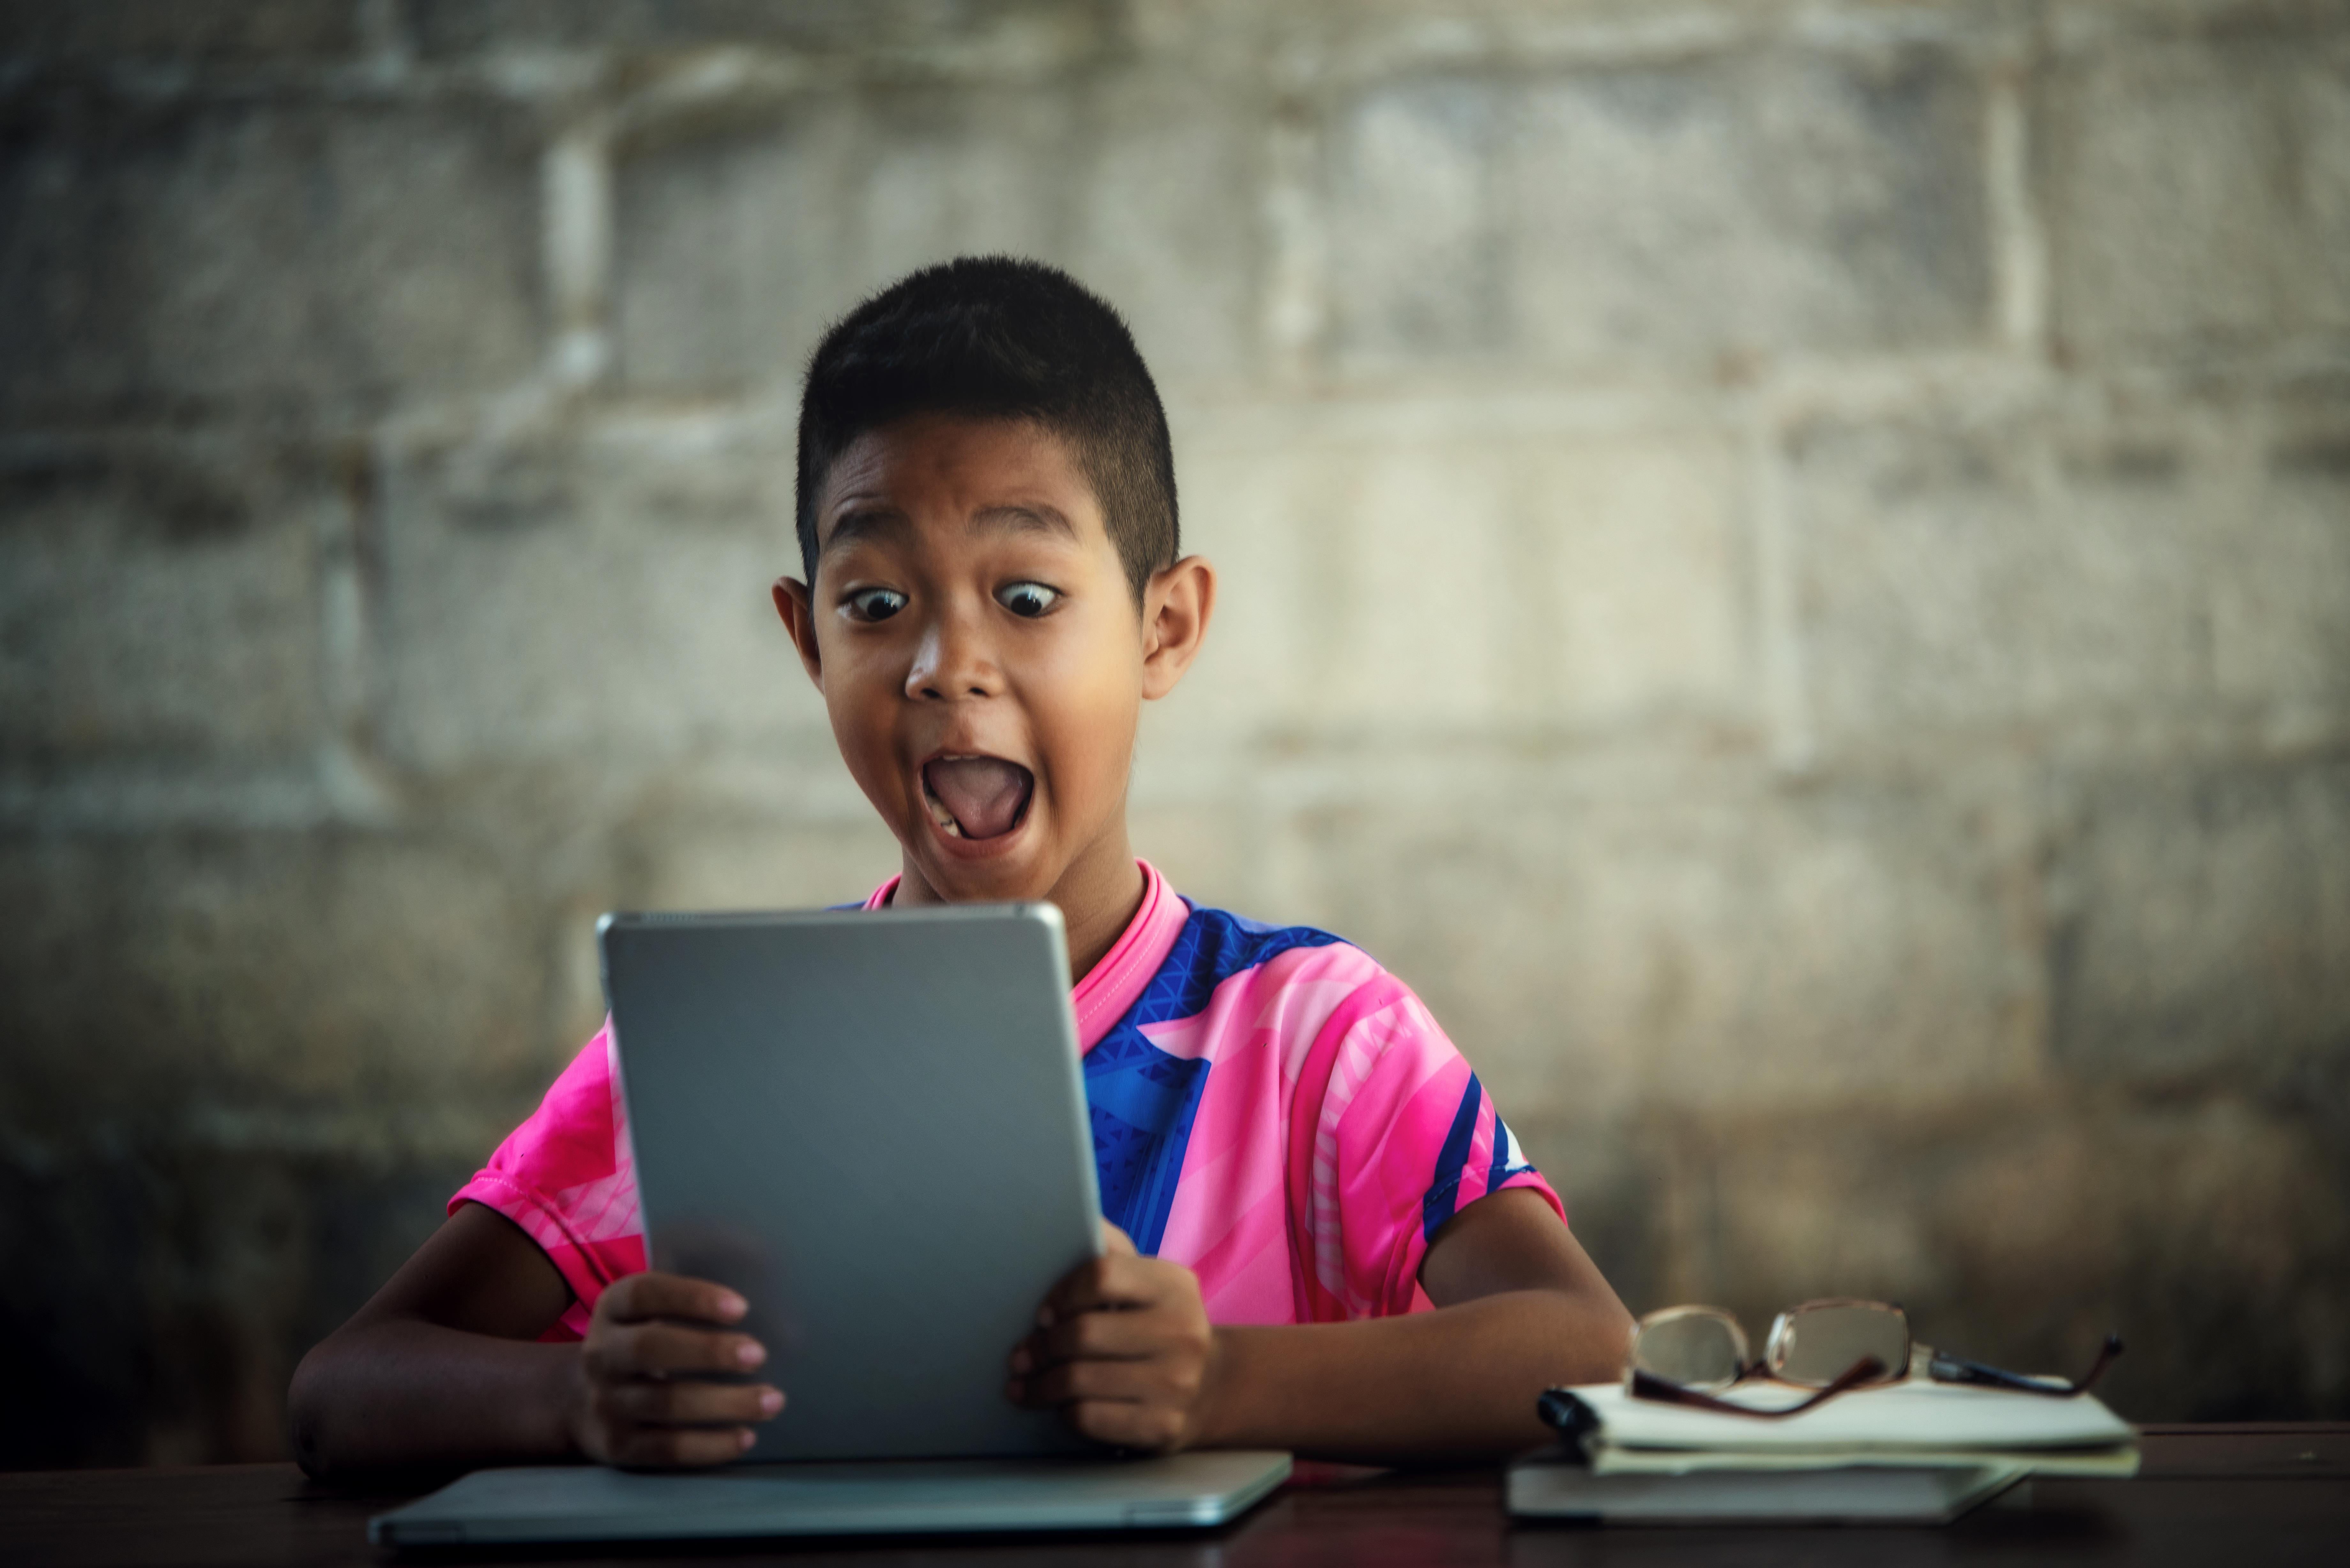 A criança digitalizada inserida na aprendizagem da educação do futuro.